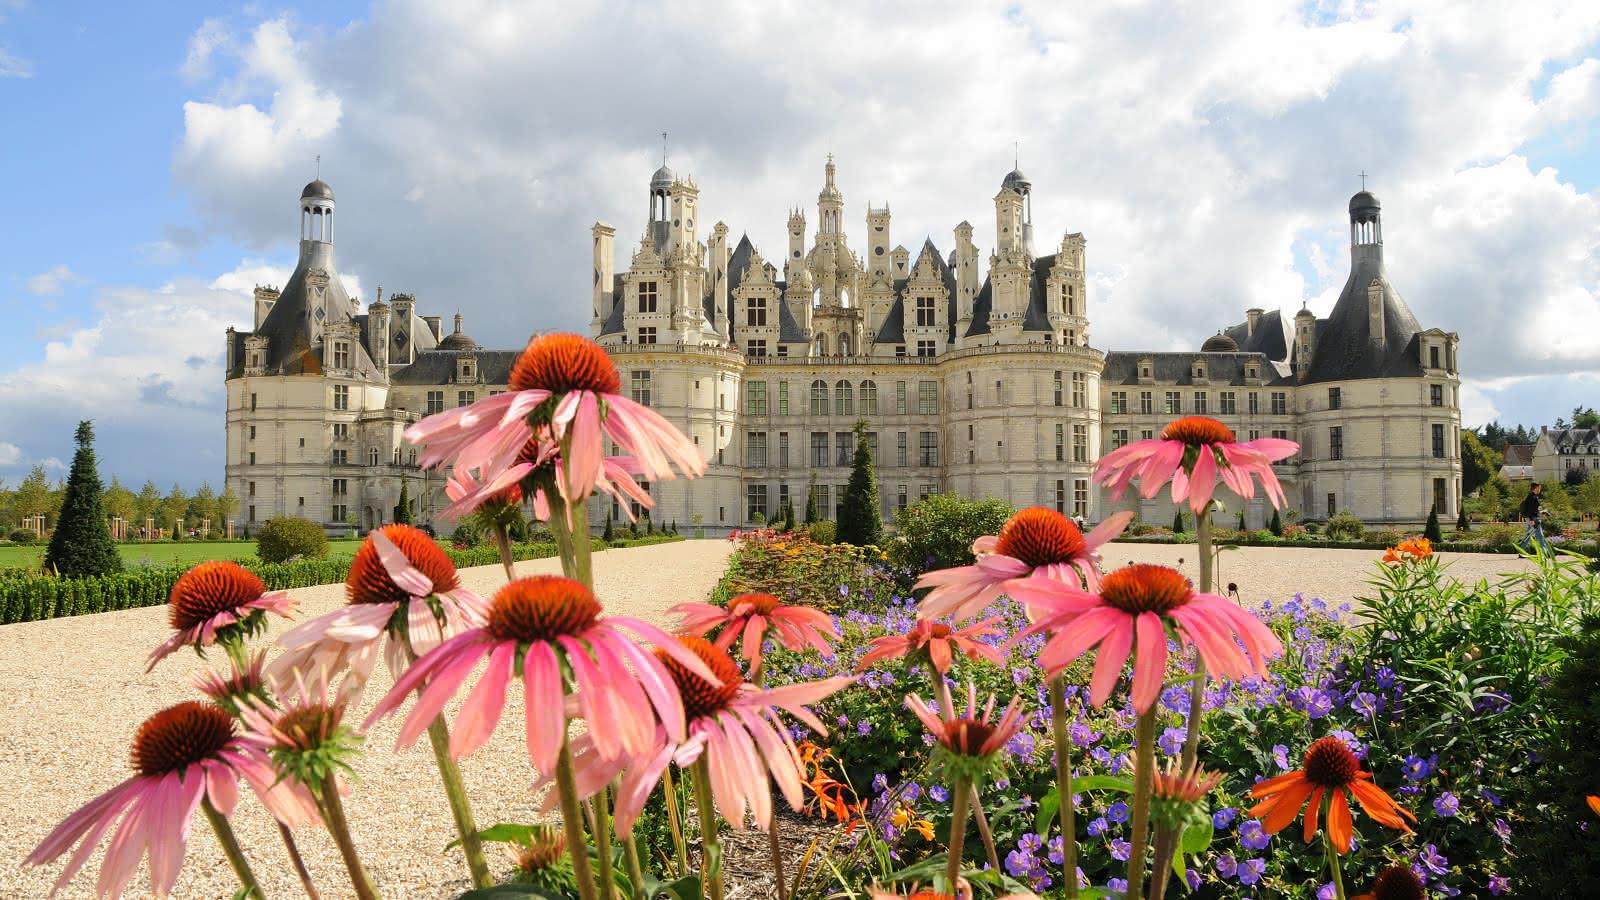 Château de Chambord - Vacances royales en Loir-et-Cher Val de Loire ©Sébastien Rio